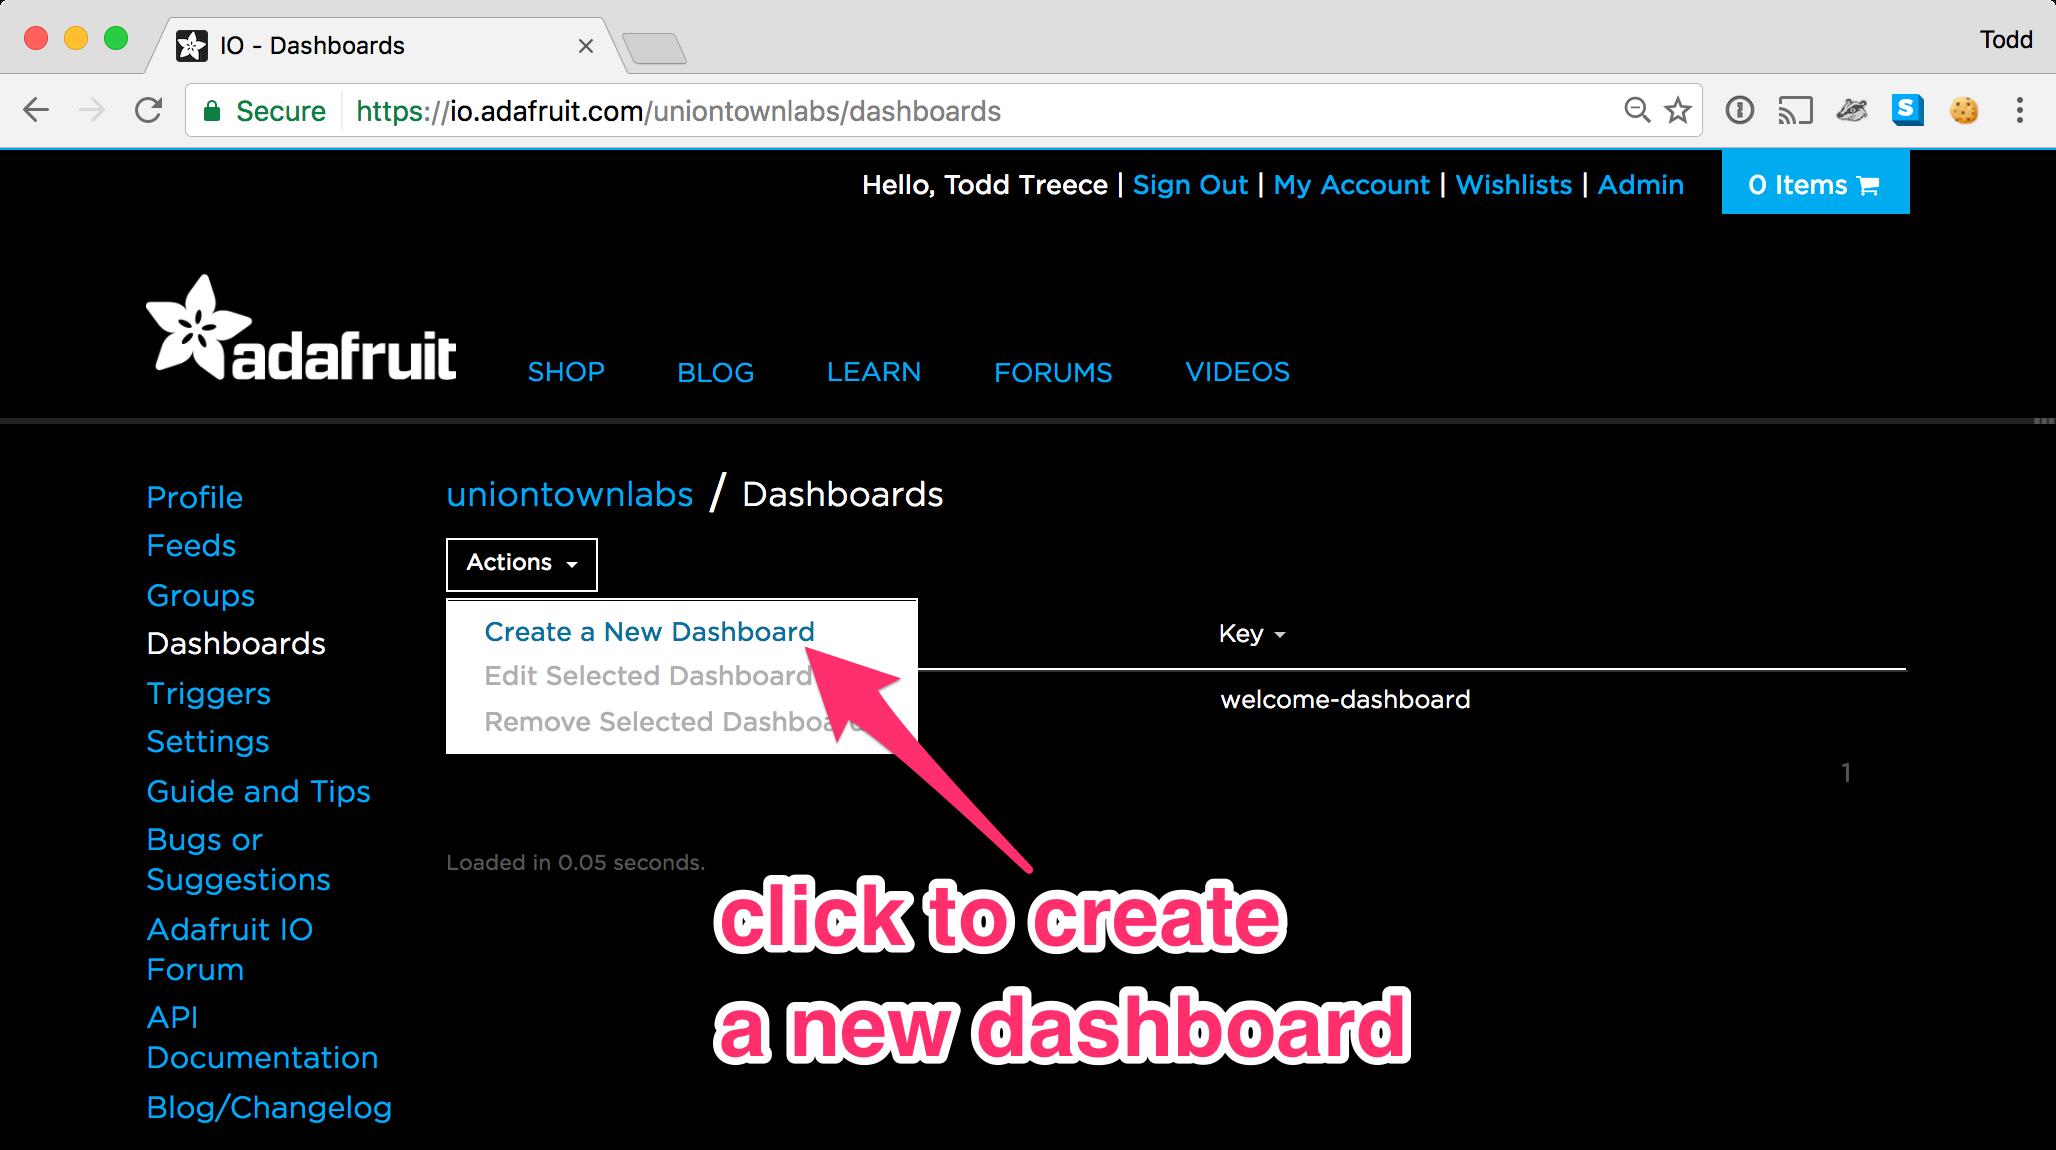 adafruit_io_01_create_menu.png